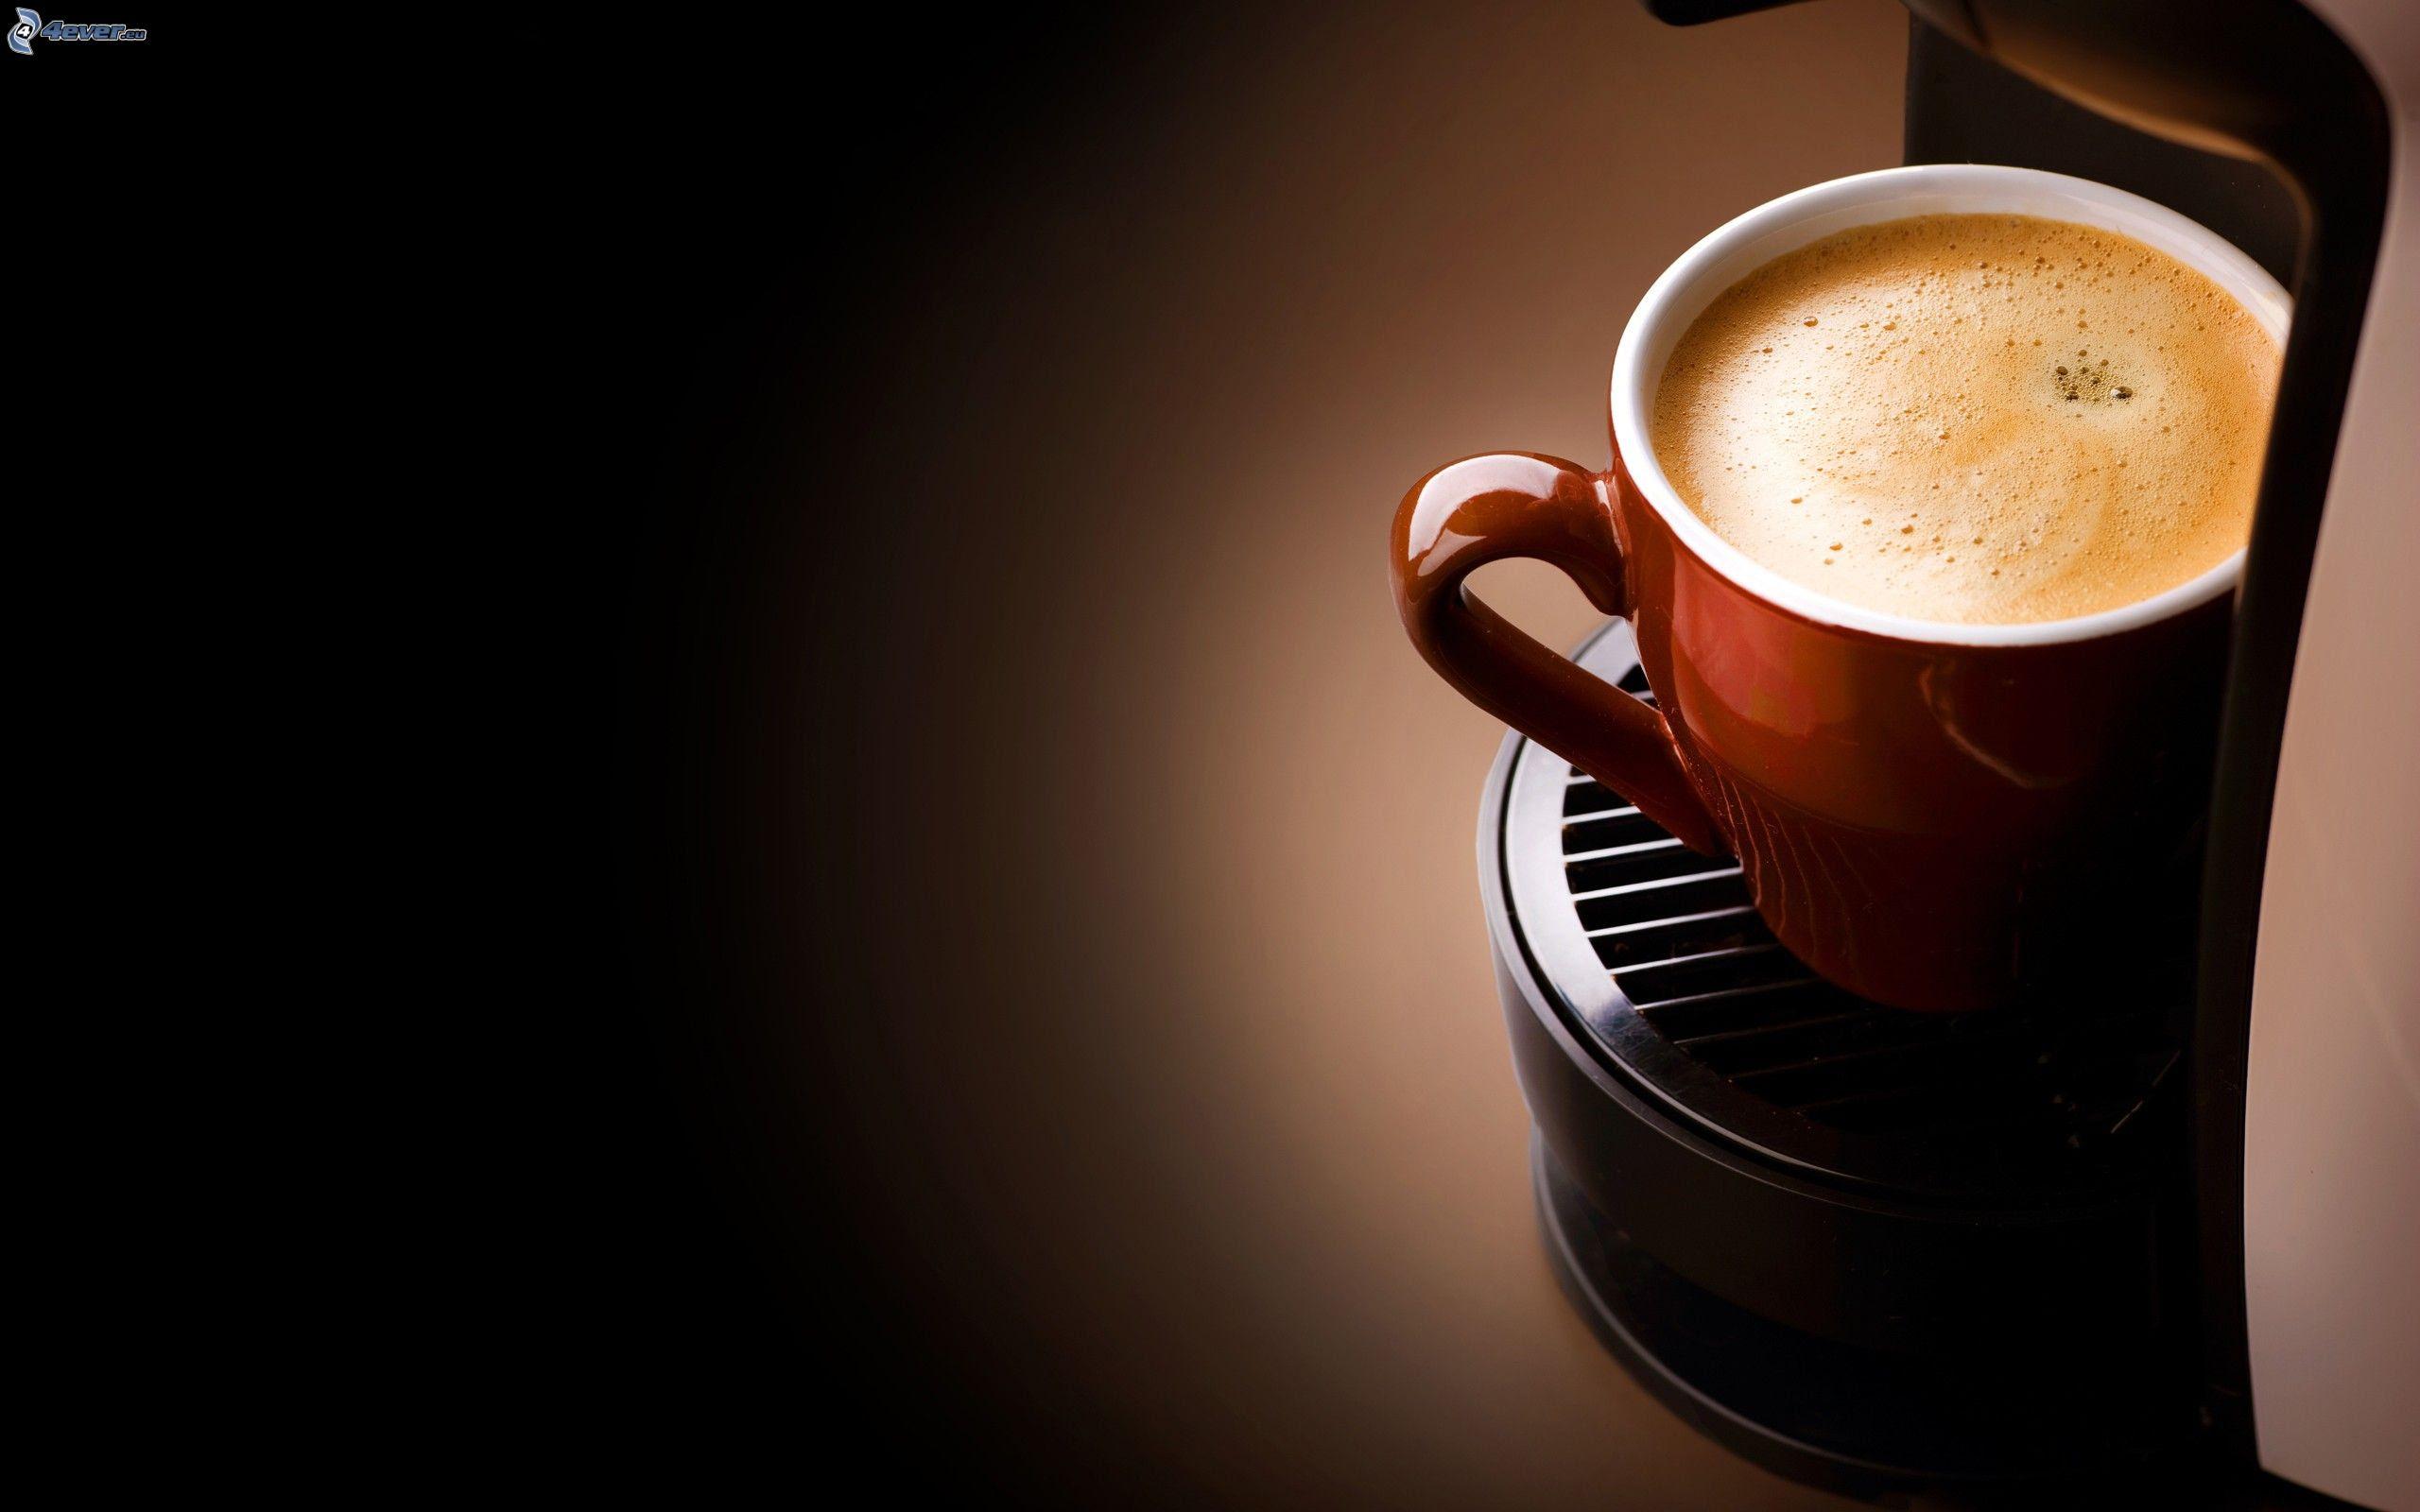 Download 460+ Wallpaper Lucu Cafe Gratis Terbaik